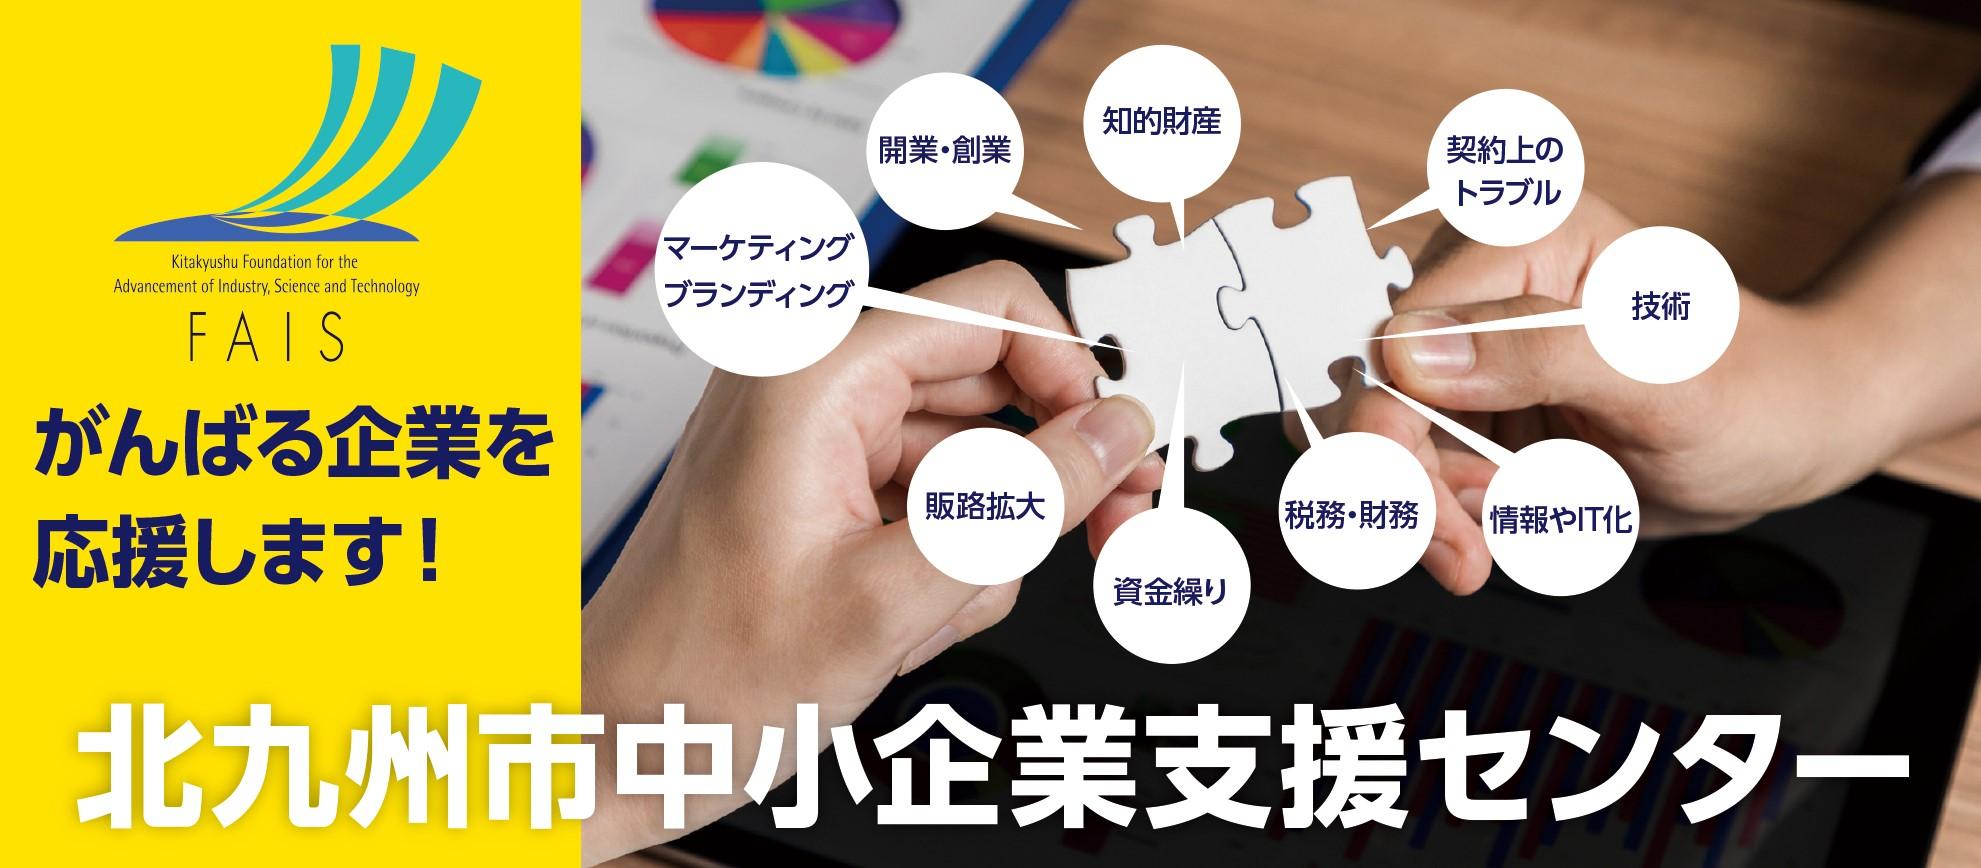 公益財団法人北九州産業学術推進機構 中小企業支援センター ...